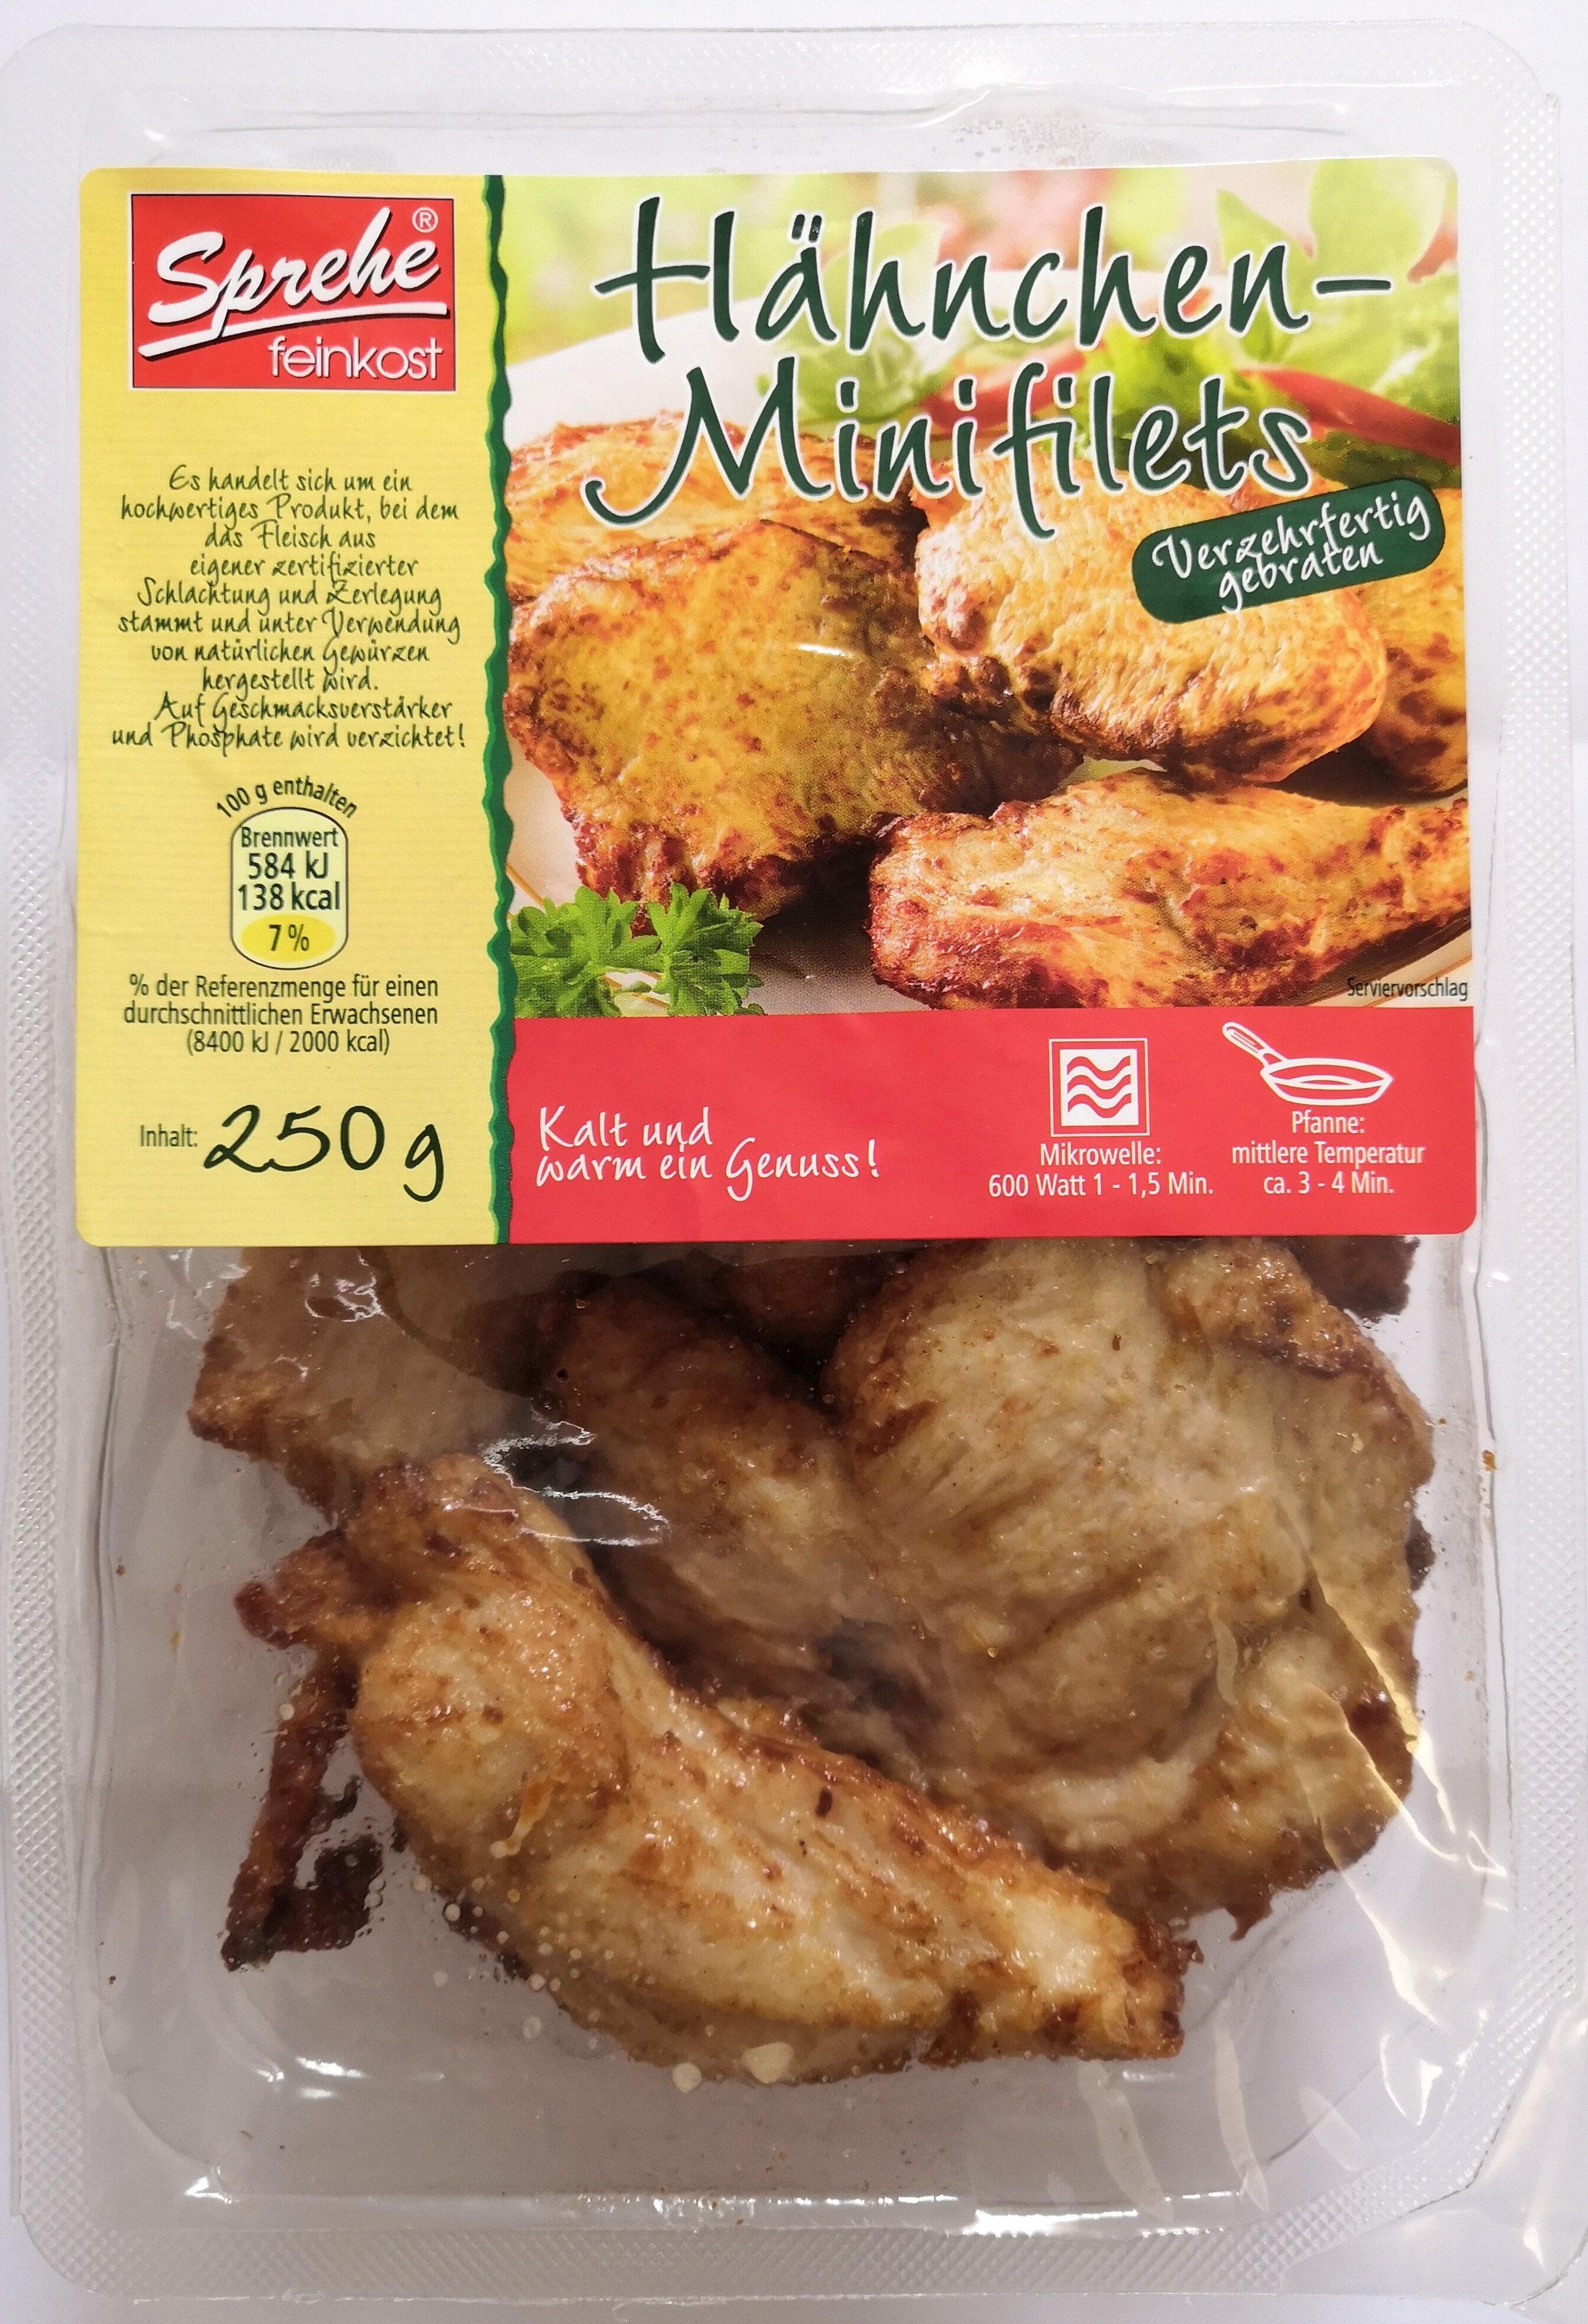 Sprehe Feinkost Hähnchen-Minifilets - Product